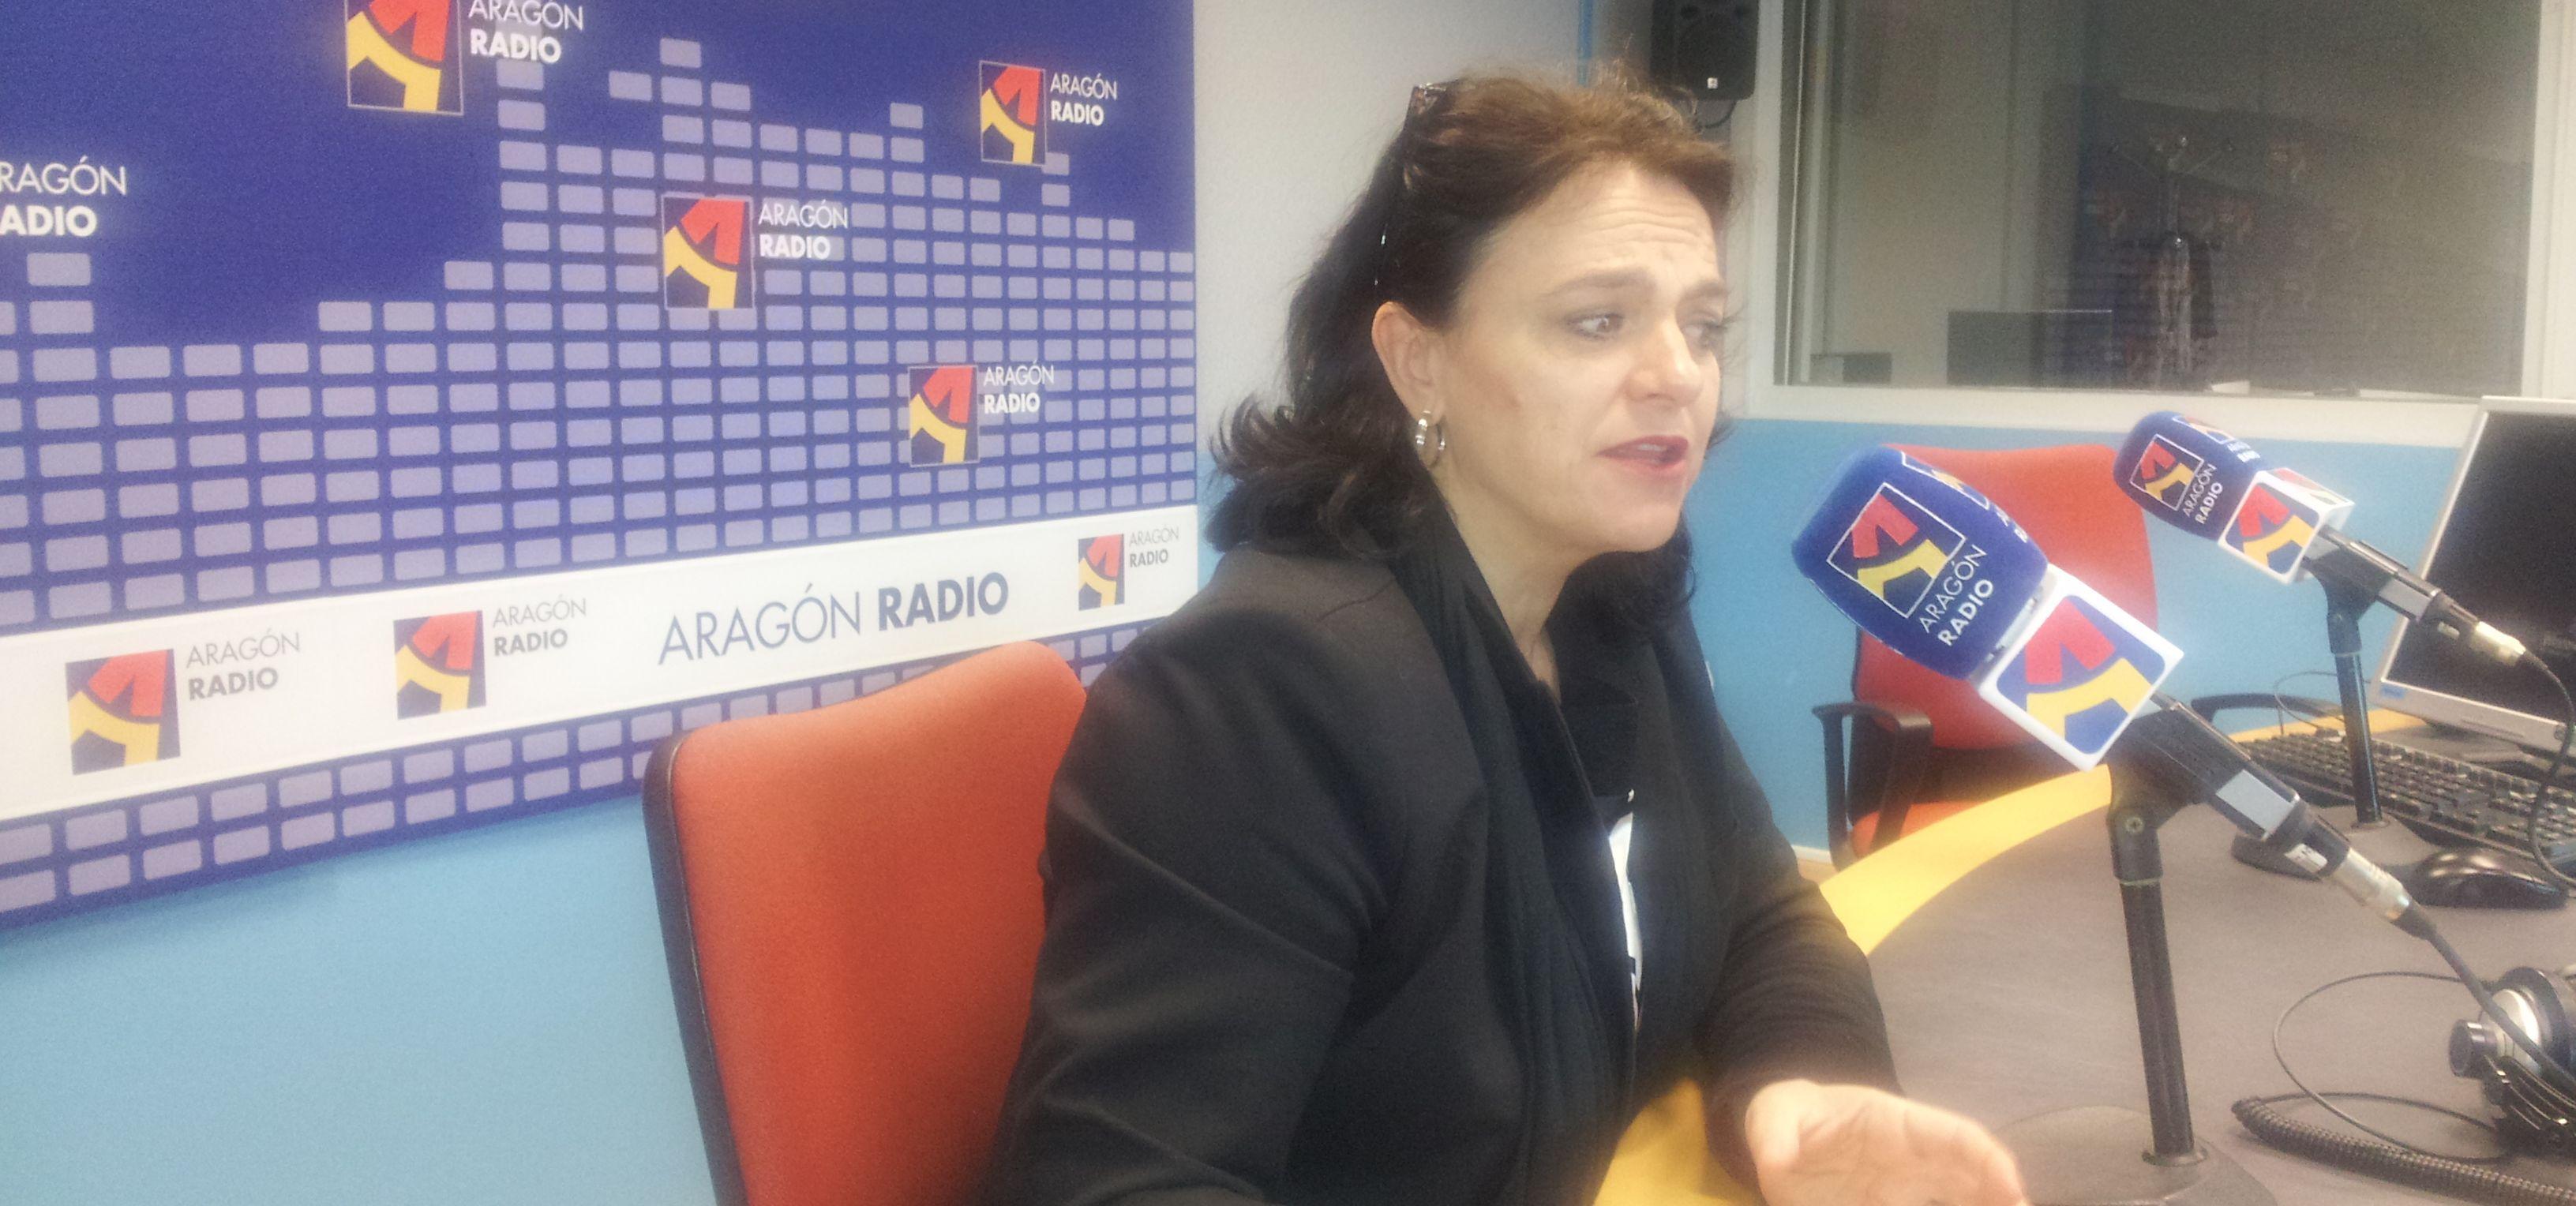 Aragón Radio, premio nacional al Mejor Desarrollo Online de AERO